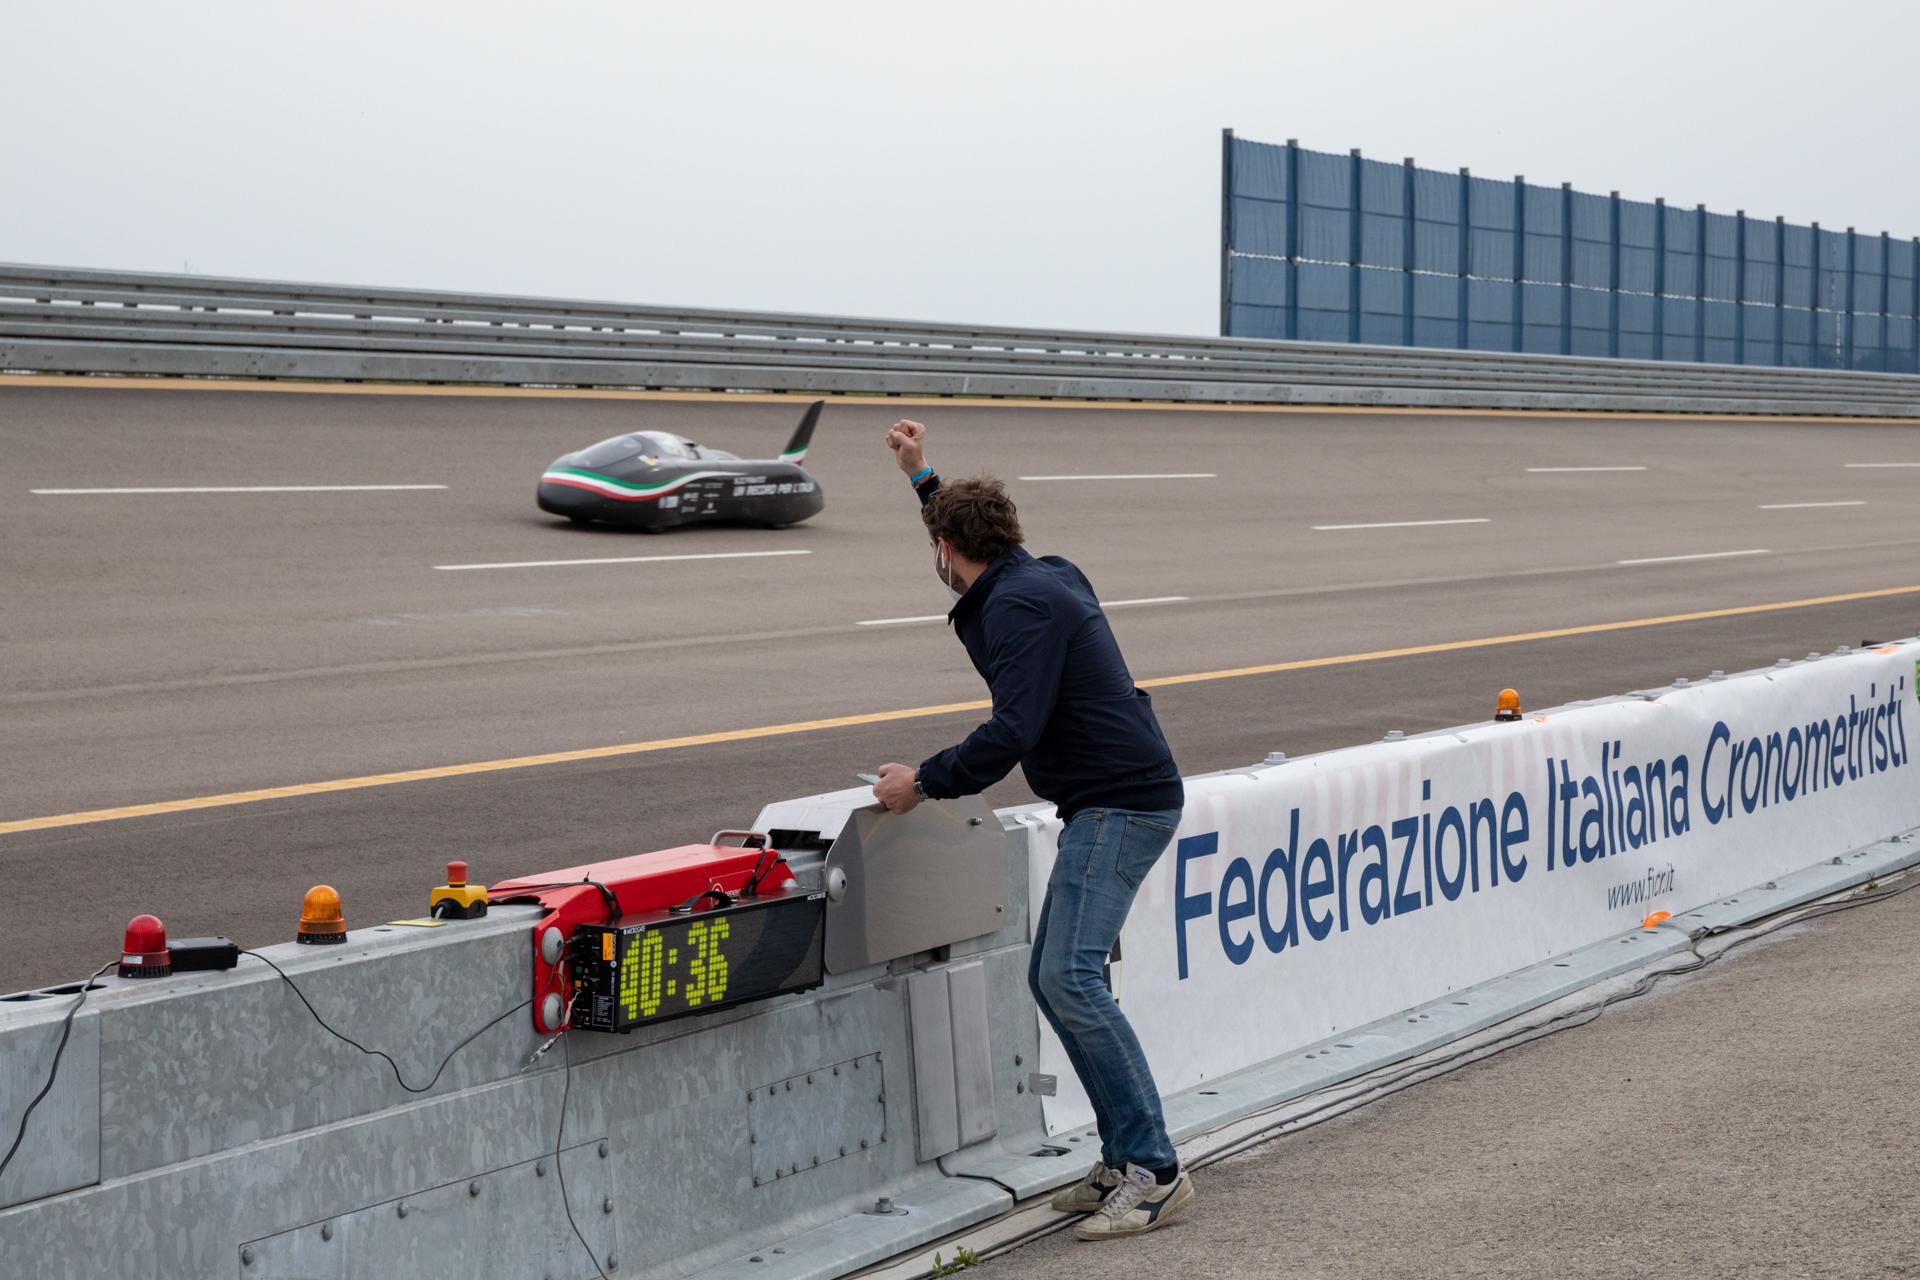 Blizz Primatist - prototipo elettrico per record di velocità. https://www.facebook.com/BlizzPrimatist _ Nardò tecnical center